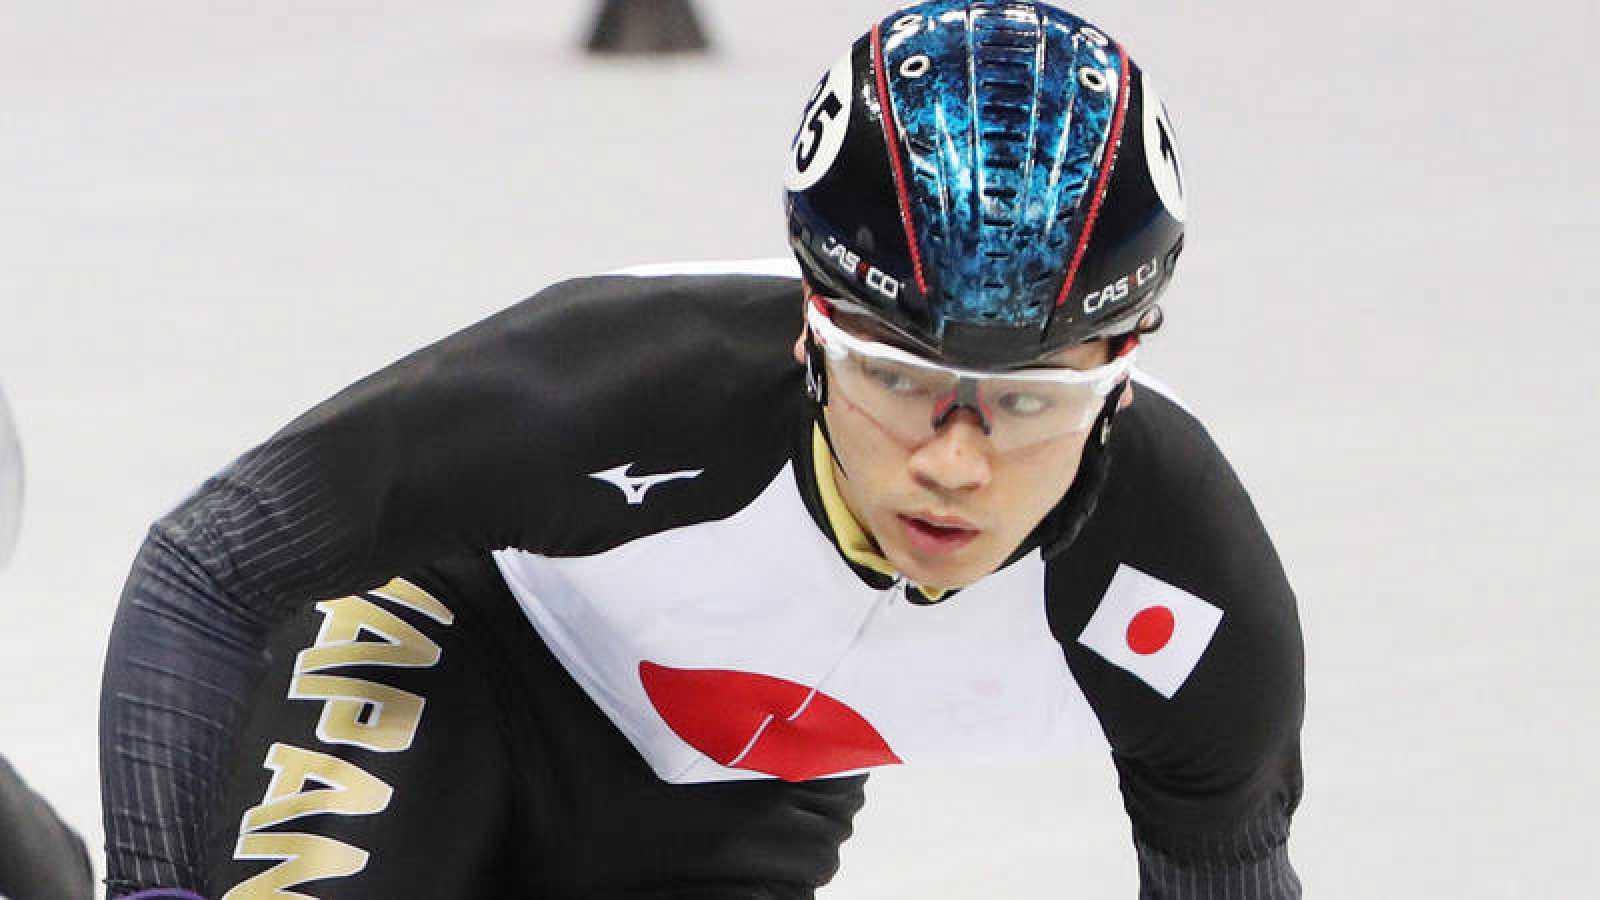 Kei Saito deja los Juegos tras dar positivo